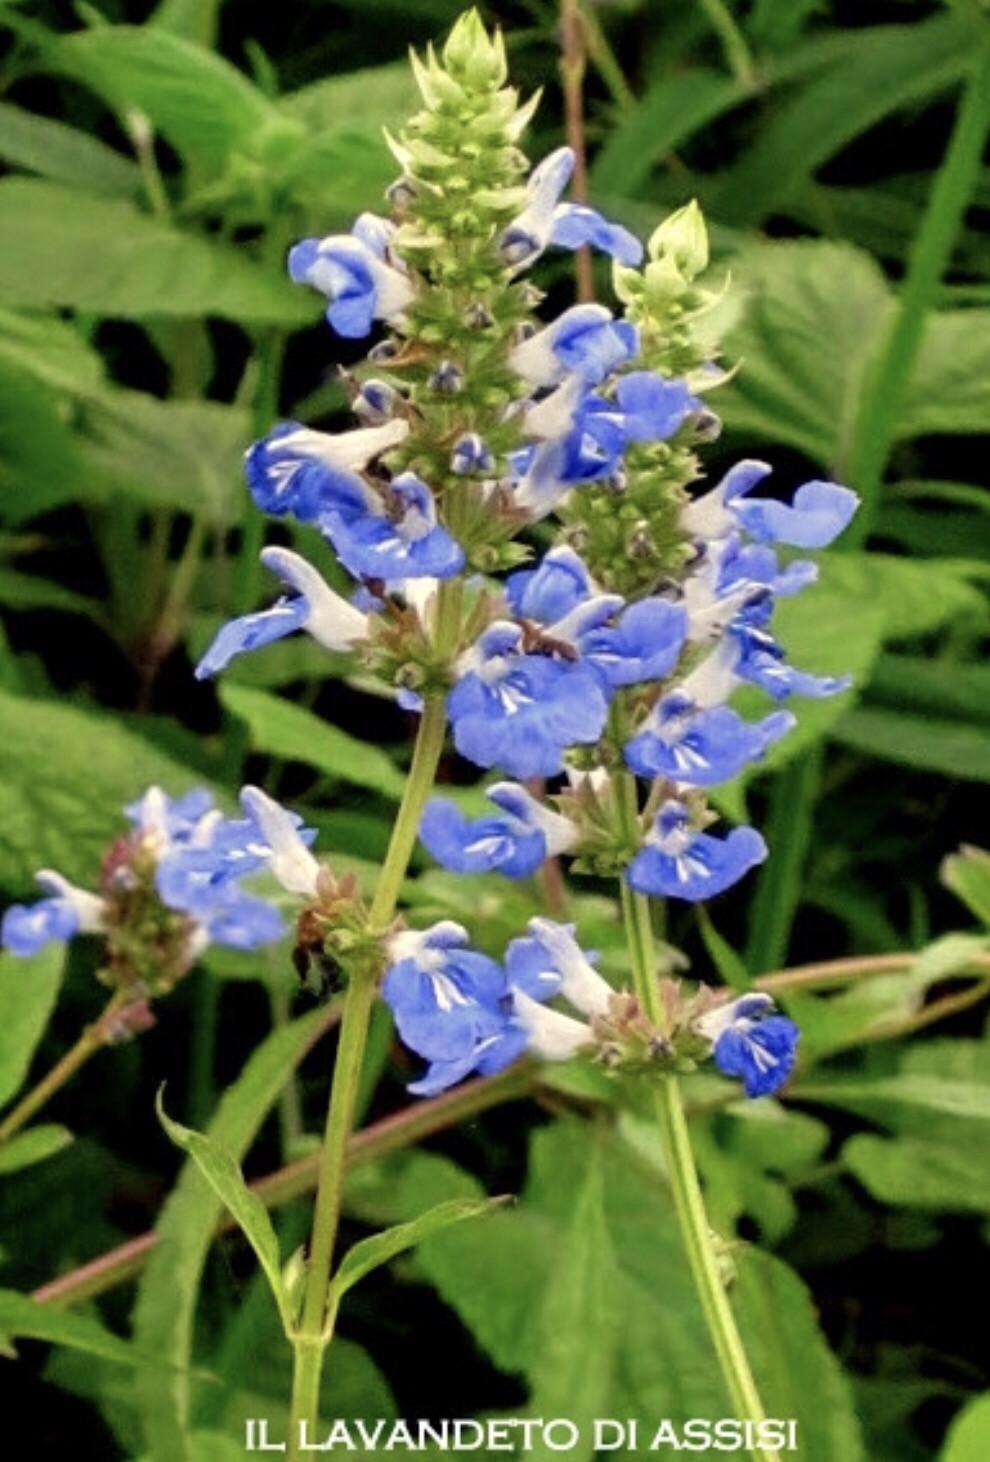 """Salvia """" Uliginosa"""" (14 Cm) Ordinare dal sito: https://www.illavandetodiassisi.com/catalogo-vendita-online.html"""